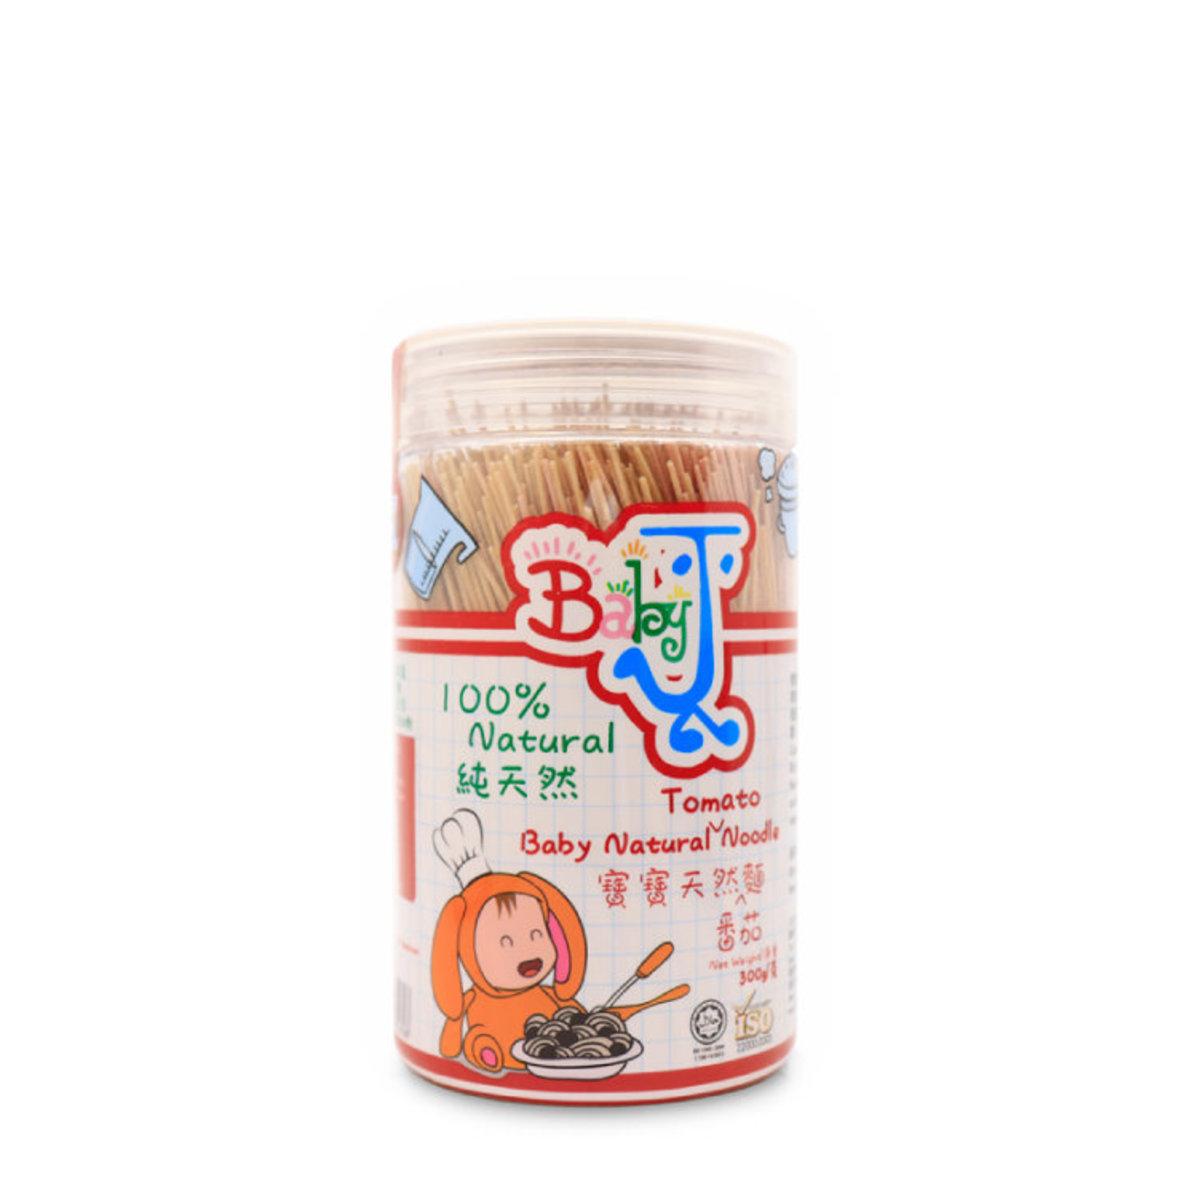 天然番茄嬰兒麵